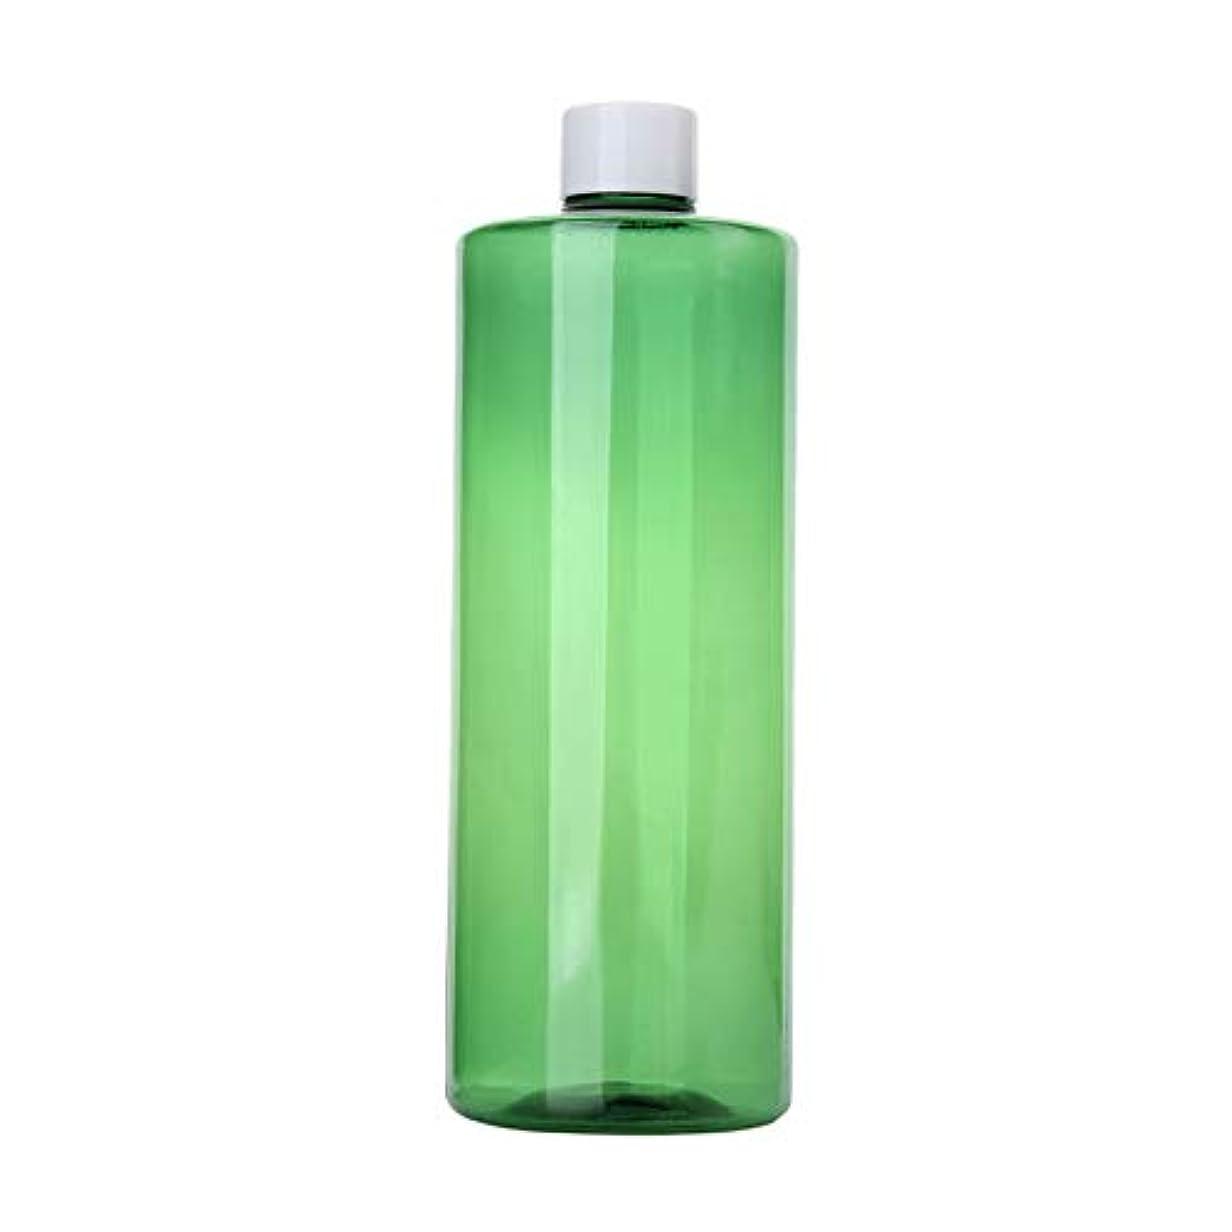 コールドプレビスサイト支配的1本 化粧品用 詰め替えボトル 詰め替え容器 大容量 500ml 中栓付き 使いやすい 化粧水用 シャンプー クリーム 貯蔵用 携帯用 空容器 おしゃれ 白ヘッド グリーン